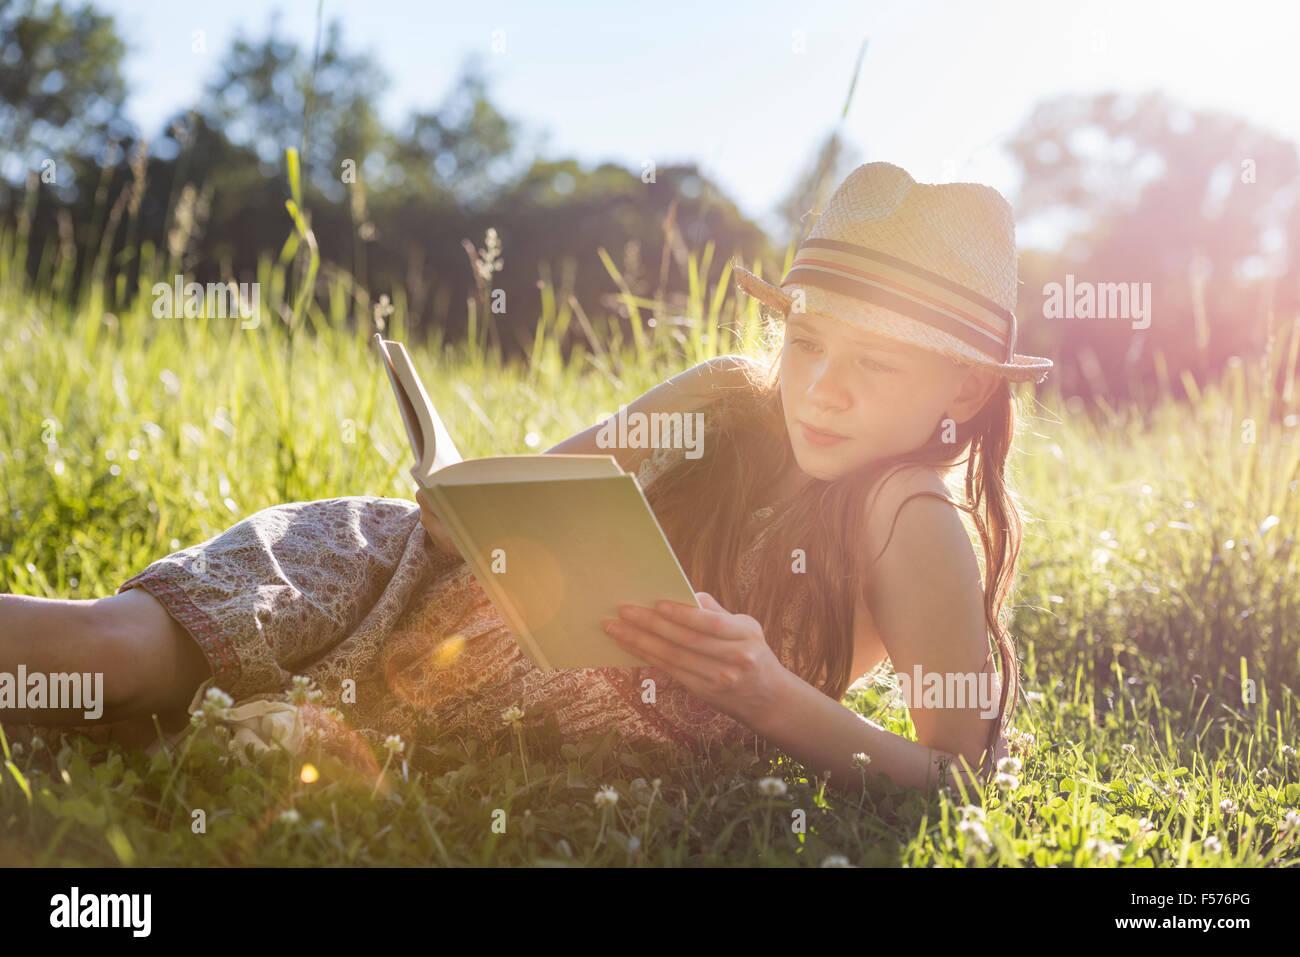 Una giovane ragazza in un cappello di paglia sdraiati sull'erba la lettura di un libro. Immagini Stock